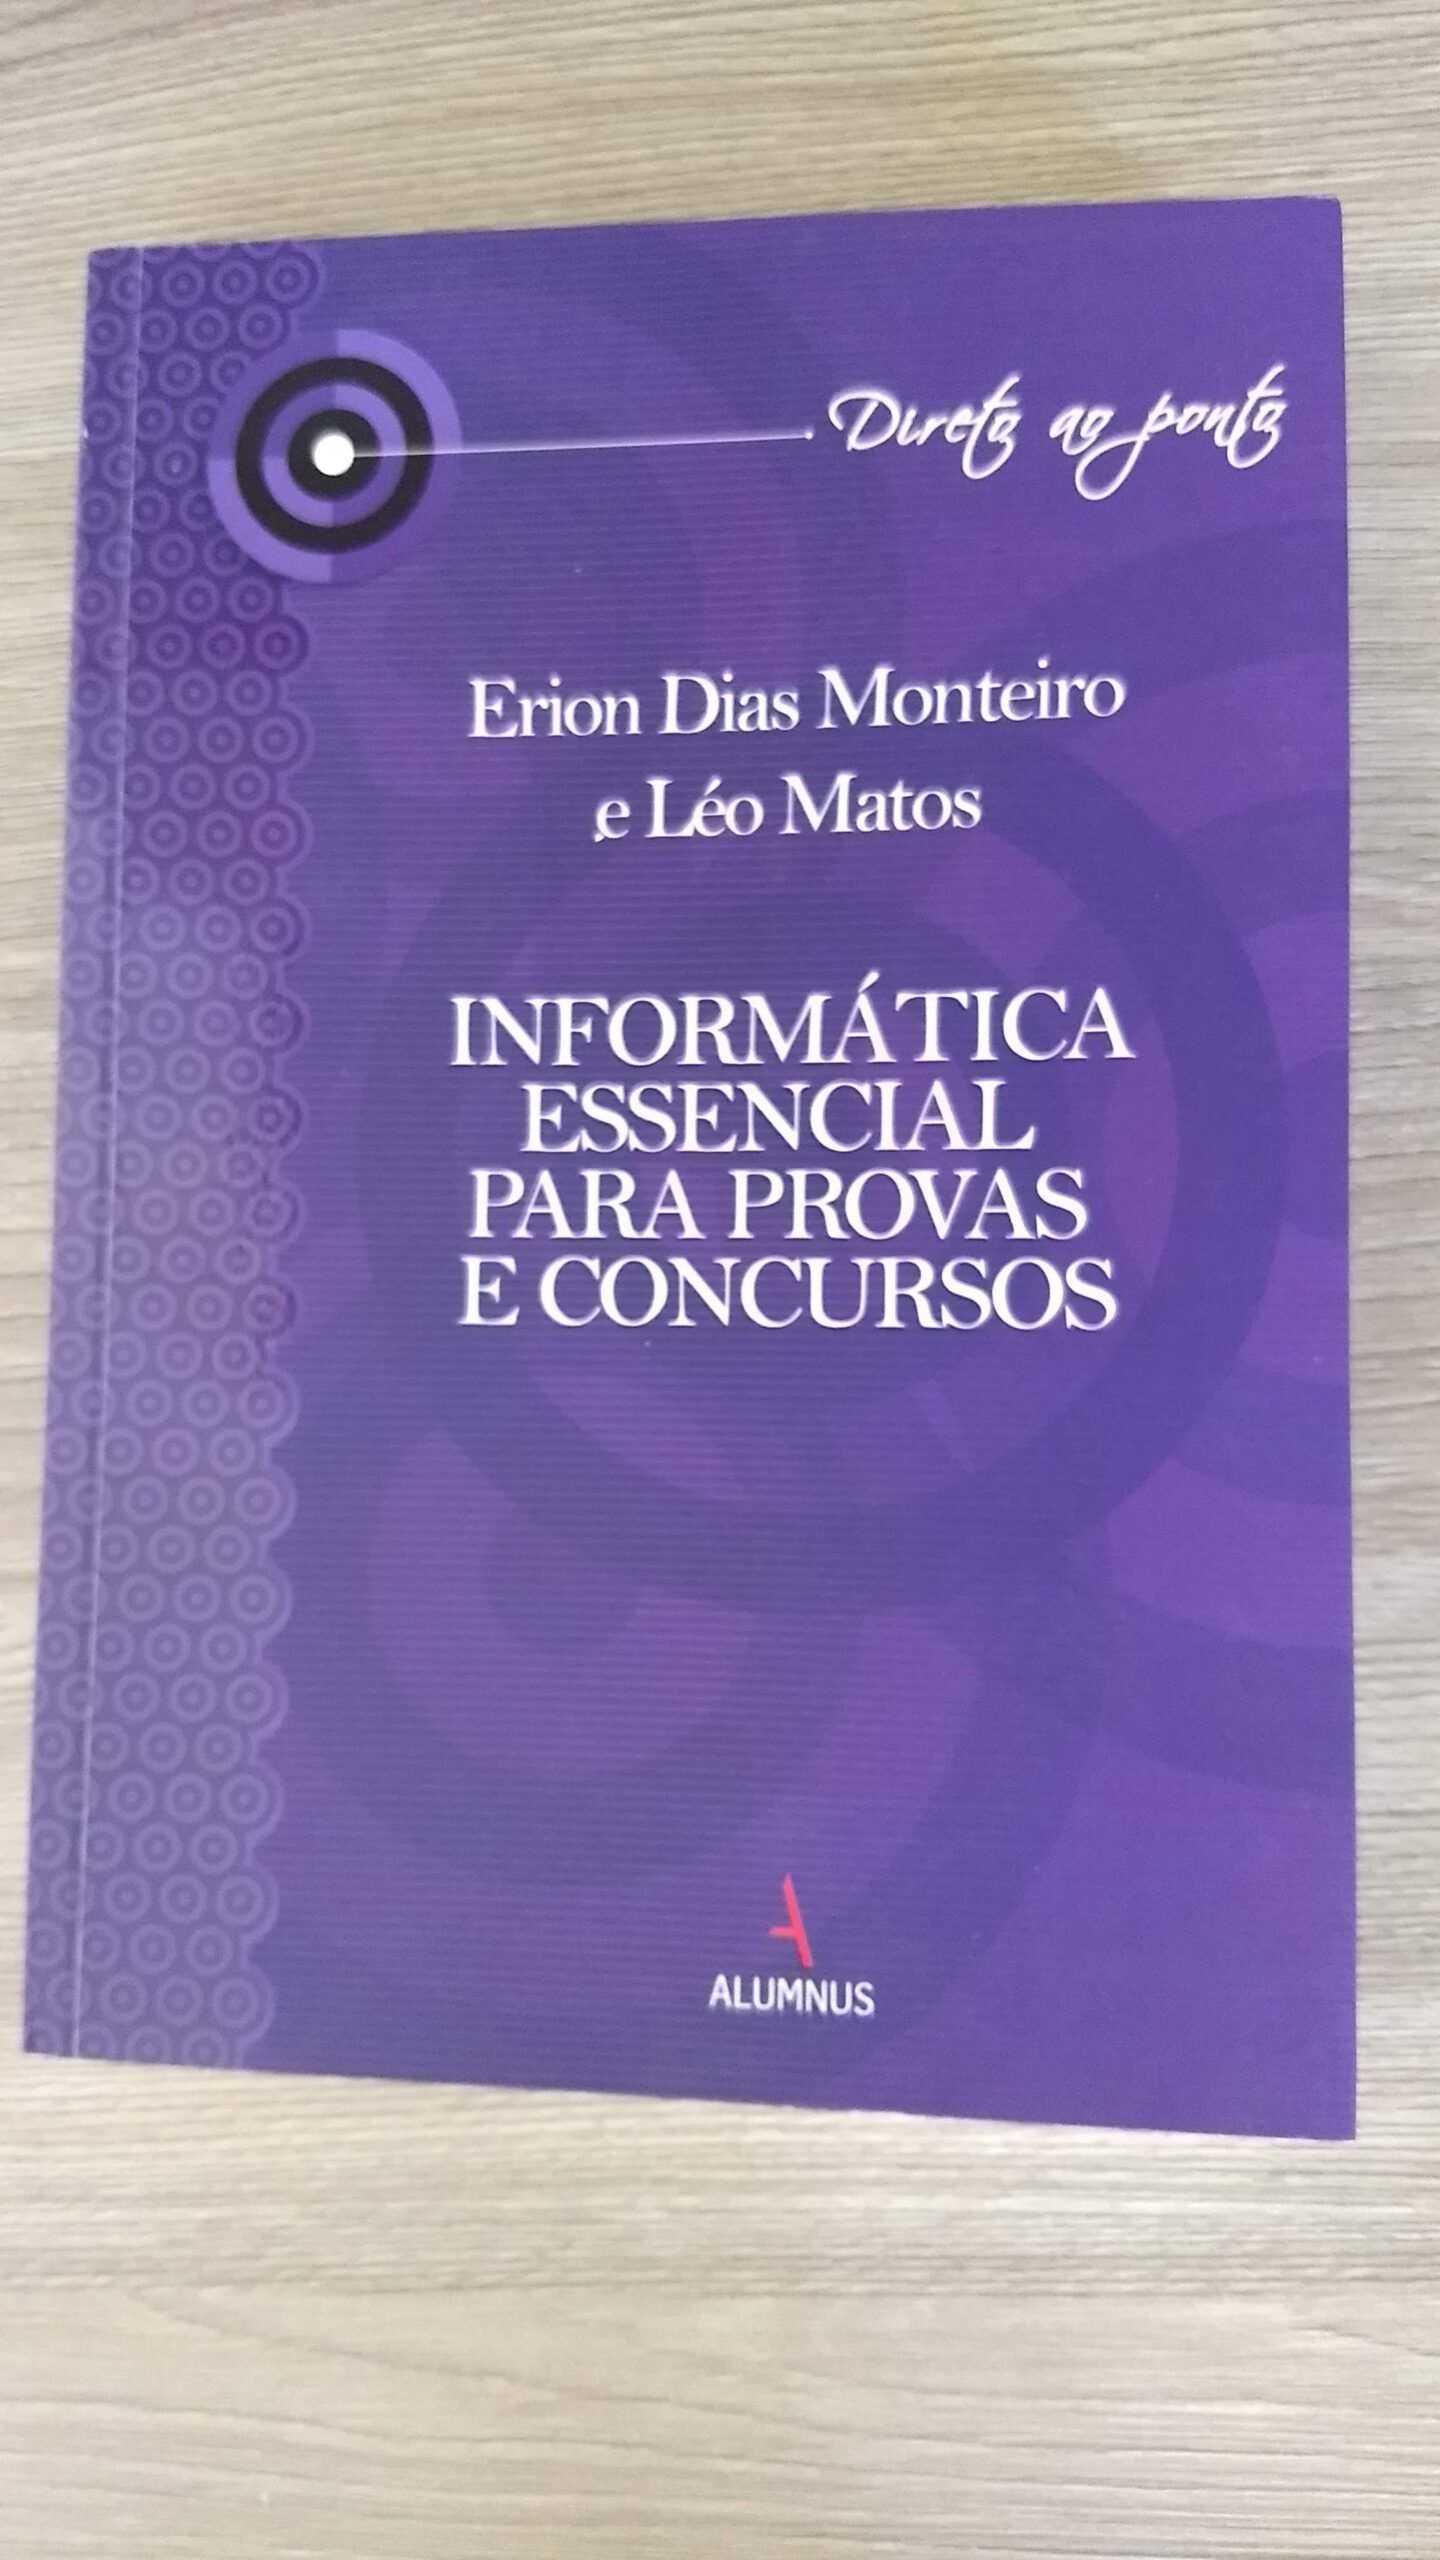 Informática Essencial para Provas e Concursos